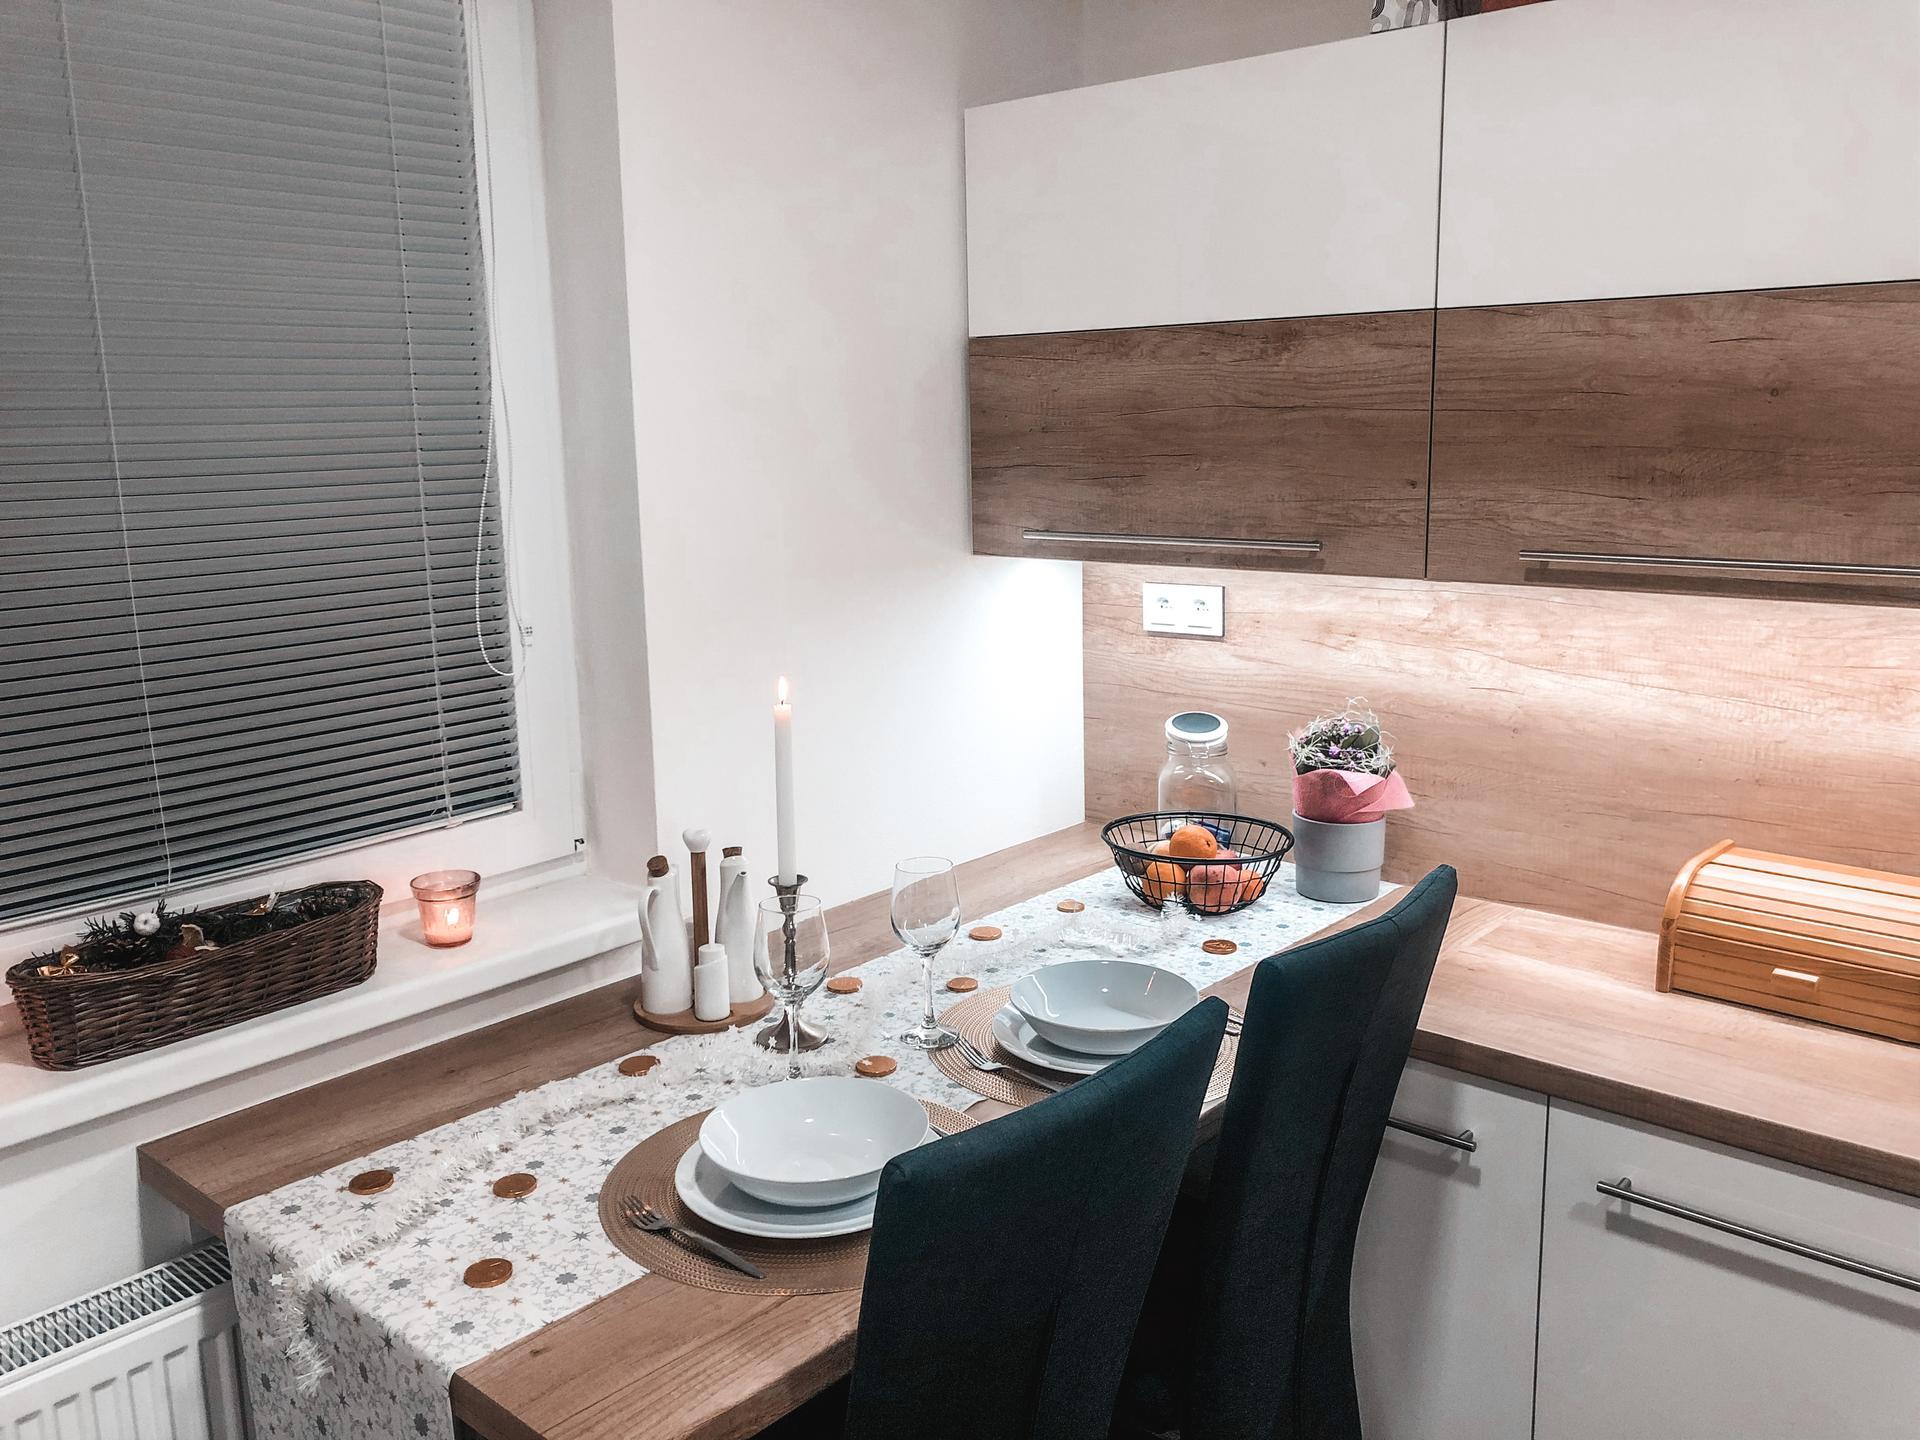 Kuchyně - Obrázek č. 34